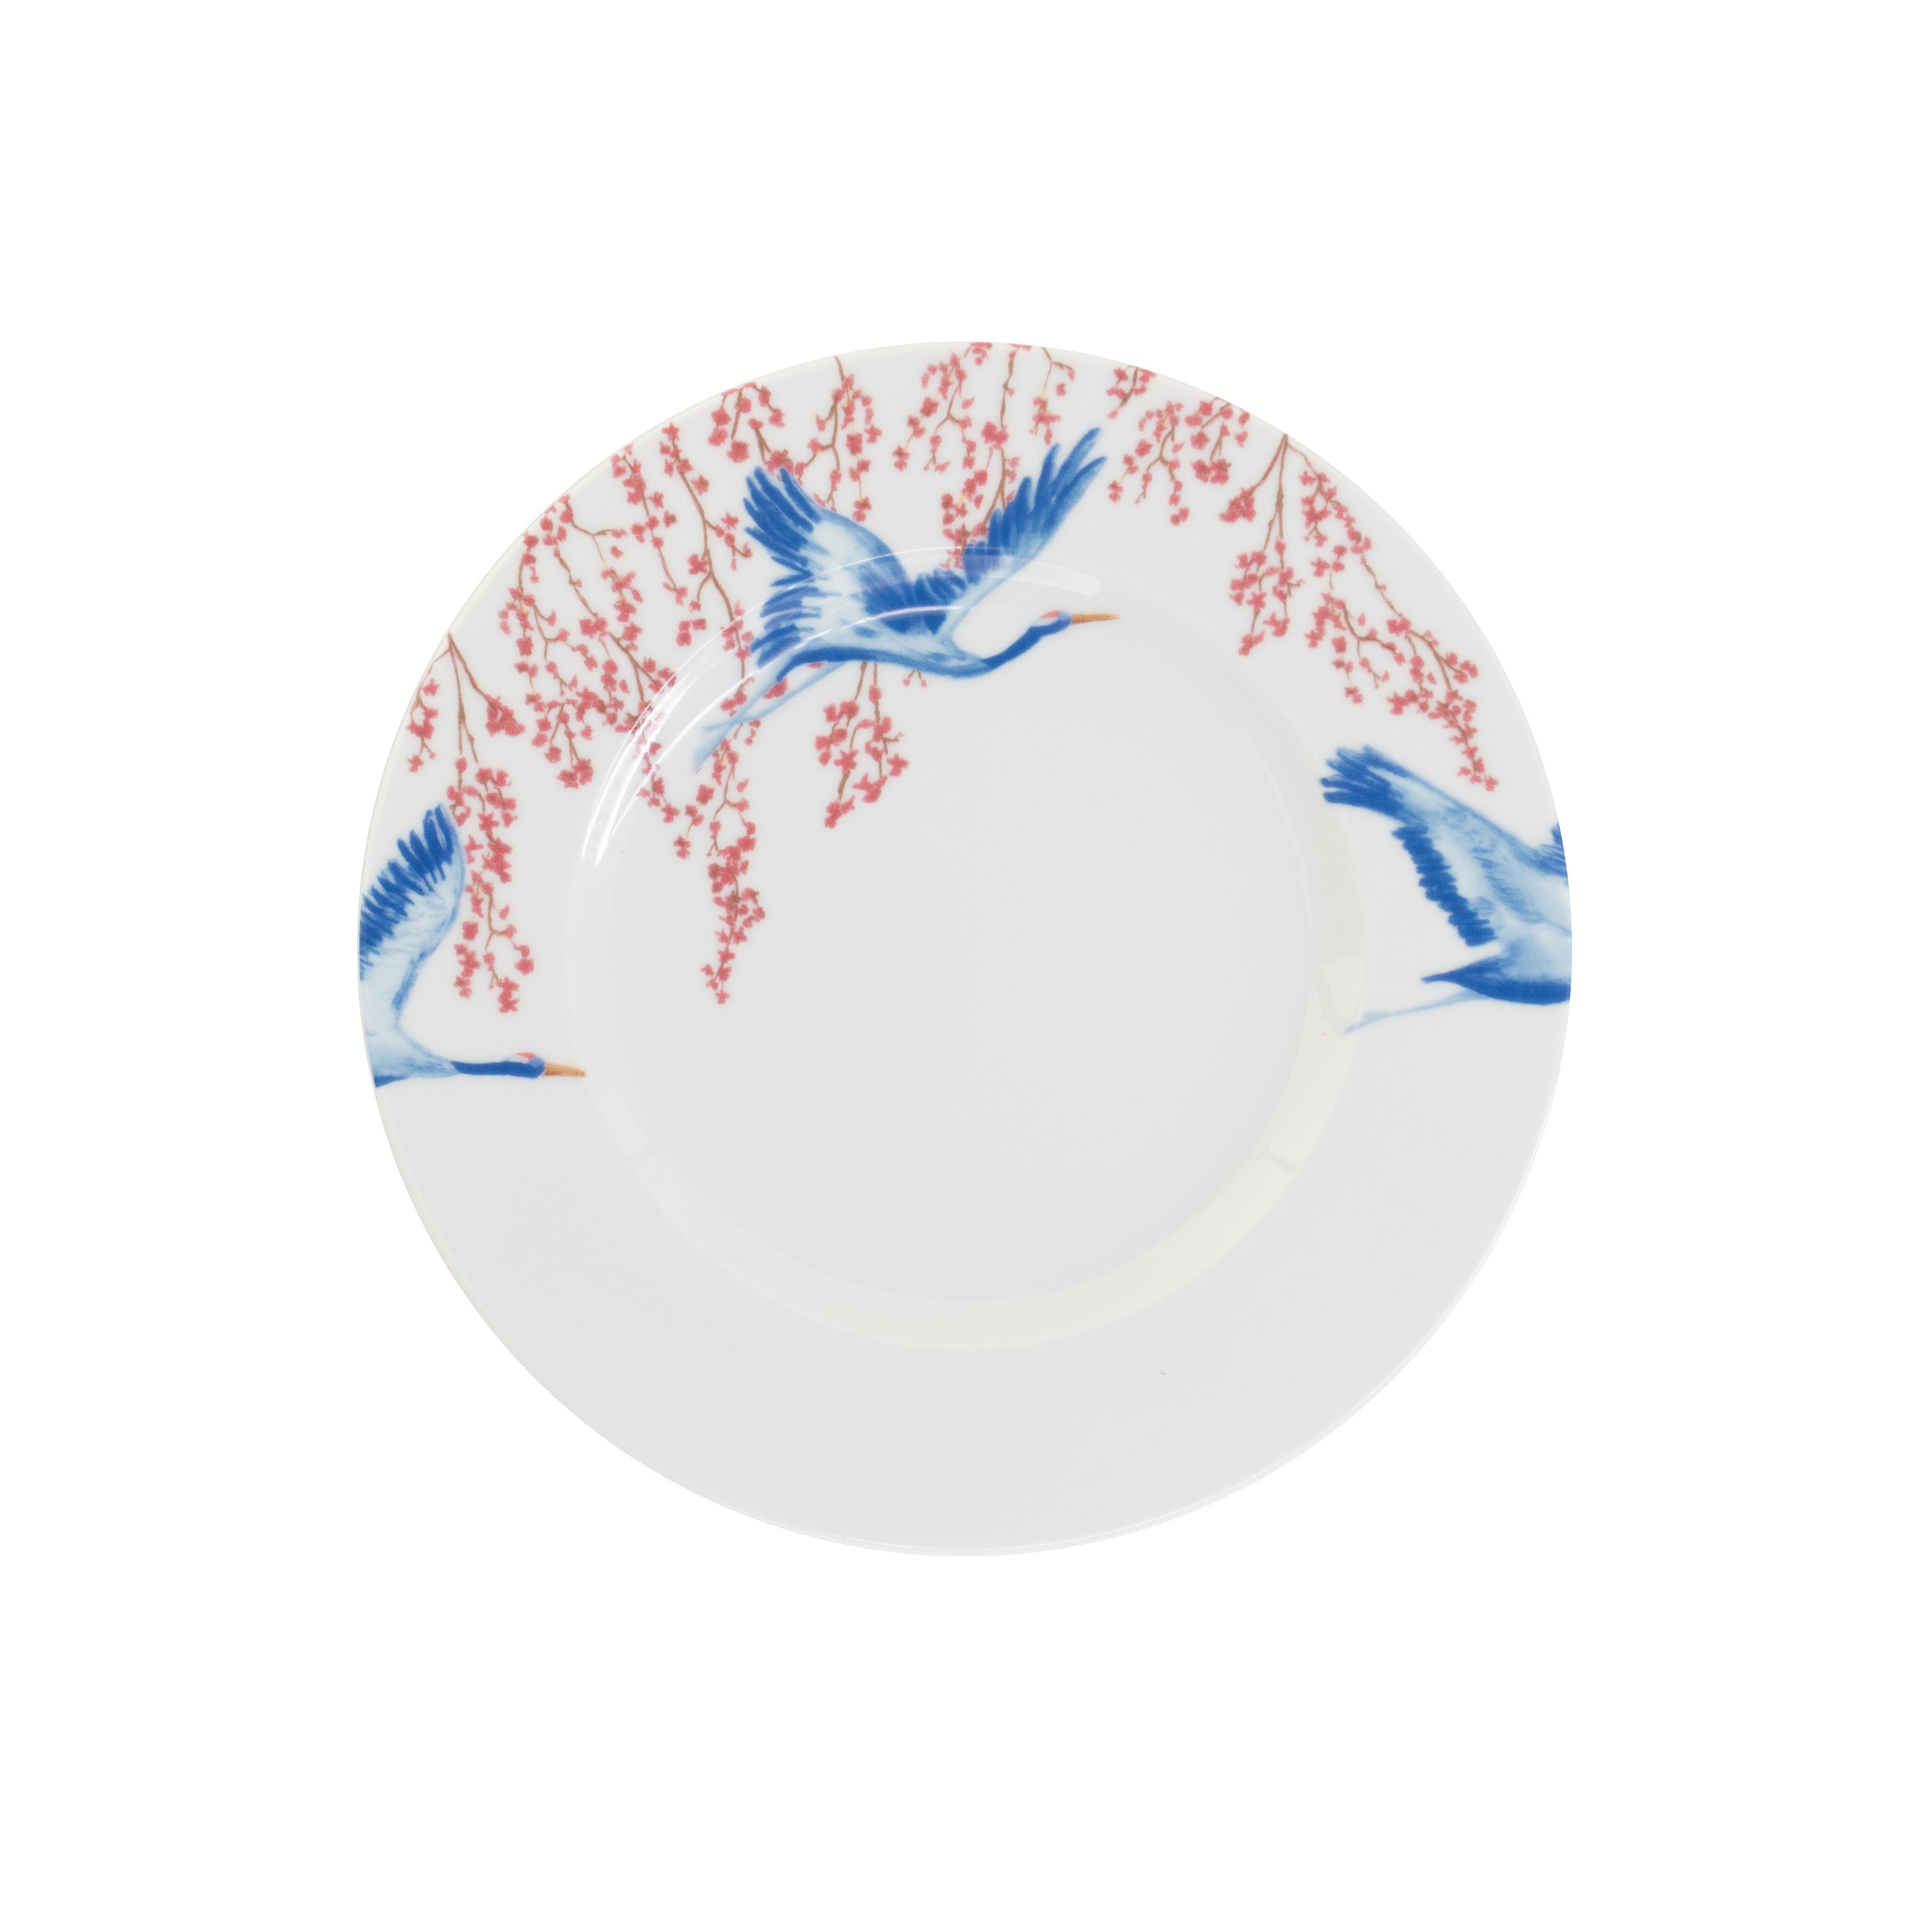 Catchii ontbijtbord met bloesem en kraanvogels